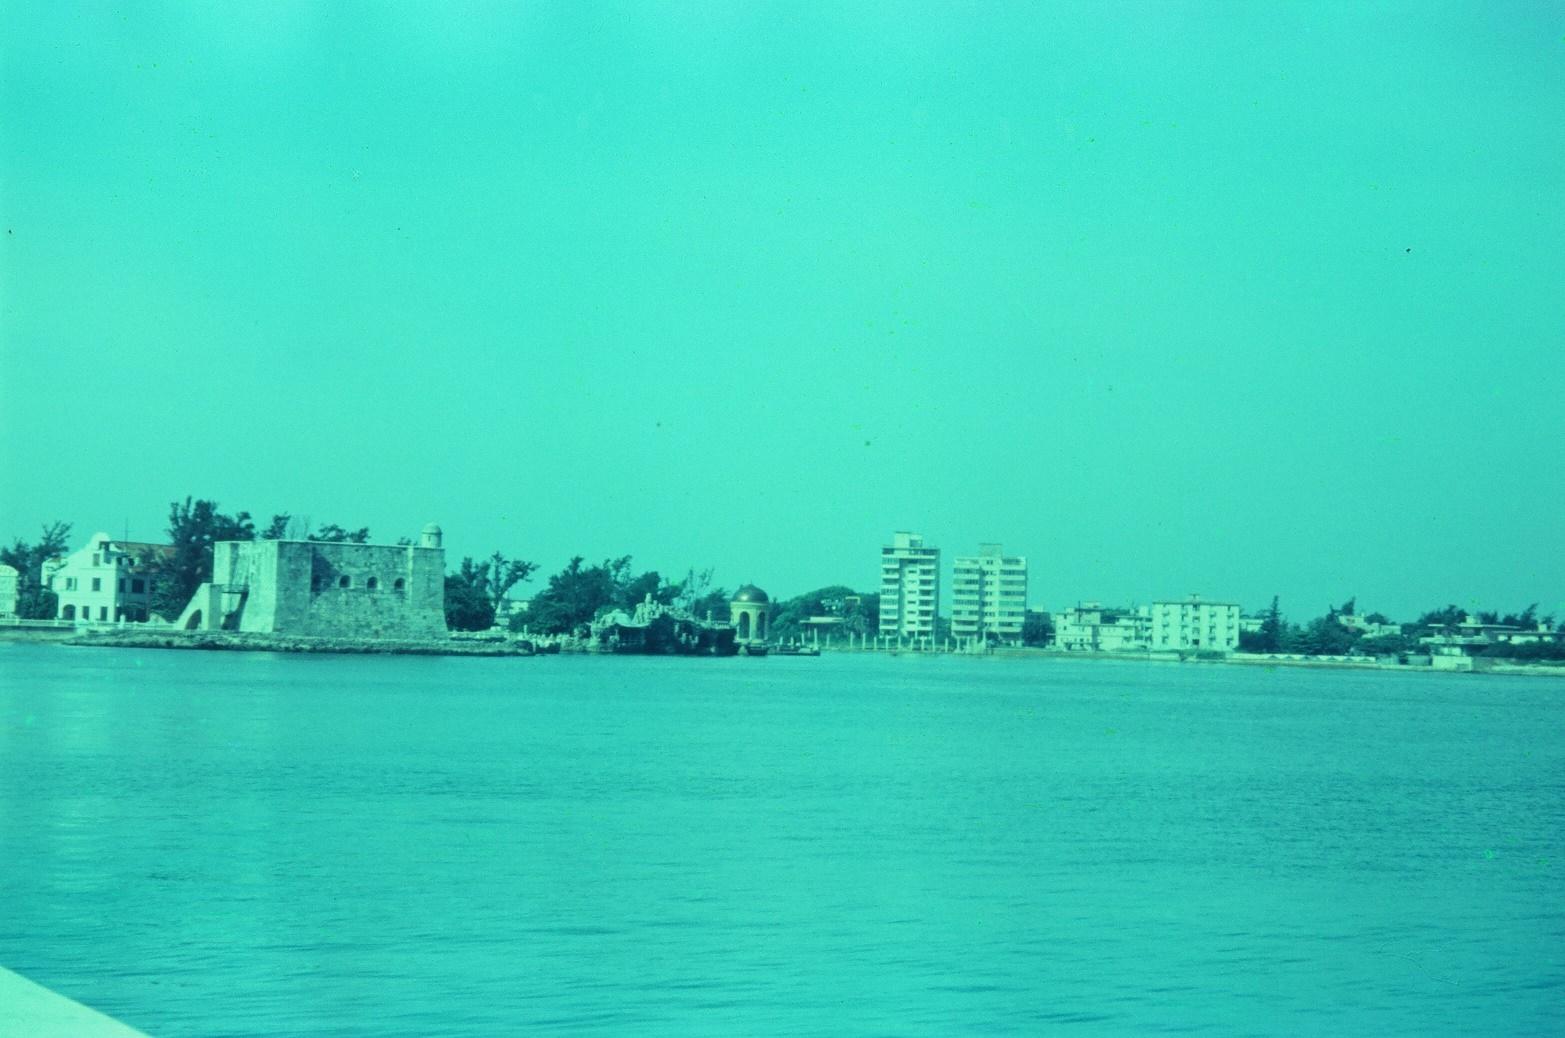 1968-1970. Вид с океана. Река Альмендарес, крепость Эль Торреон, фото 1